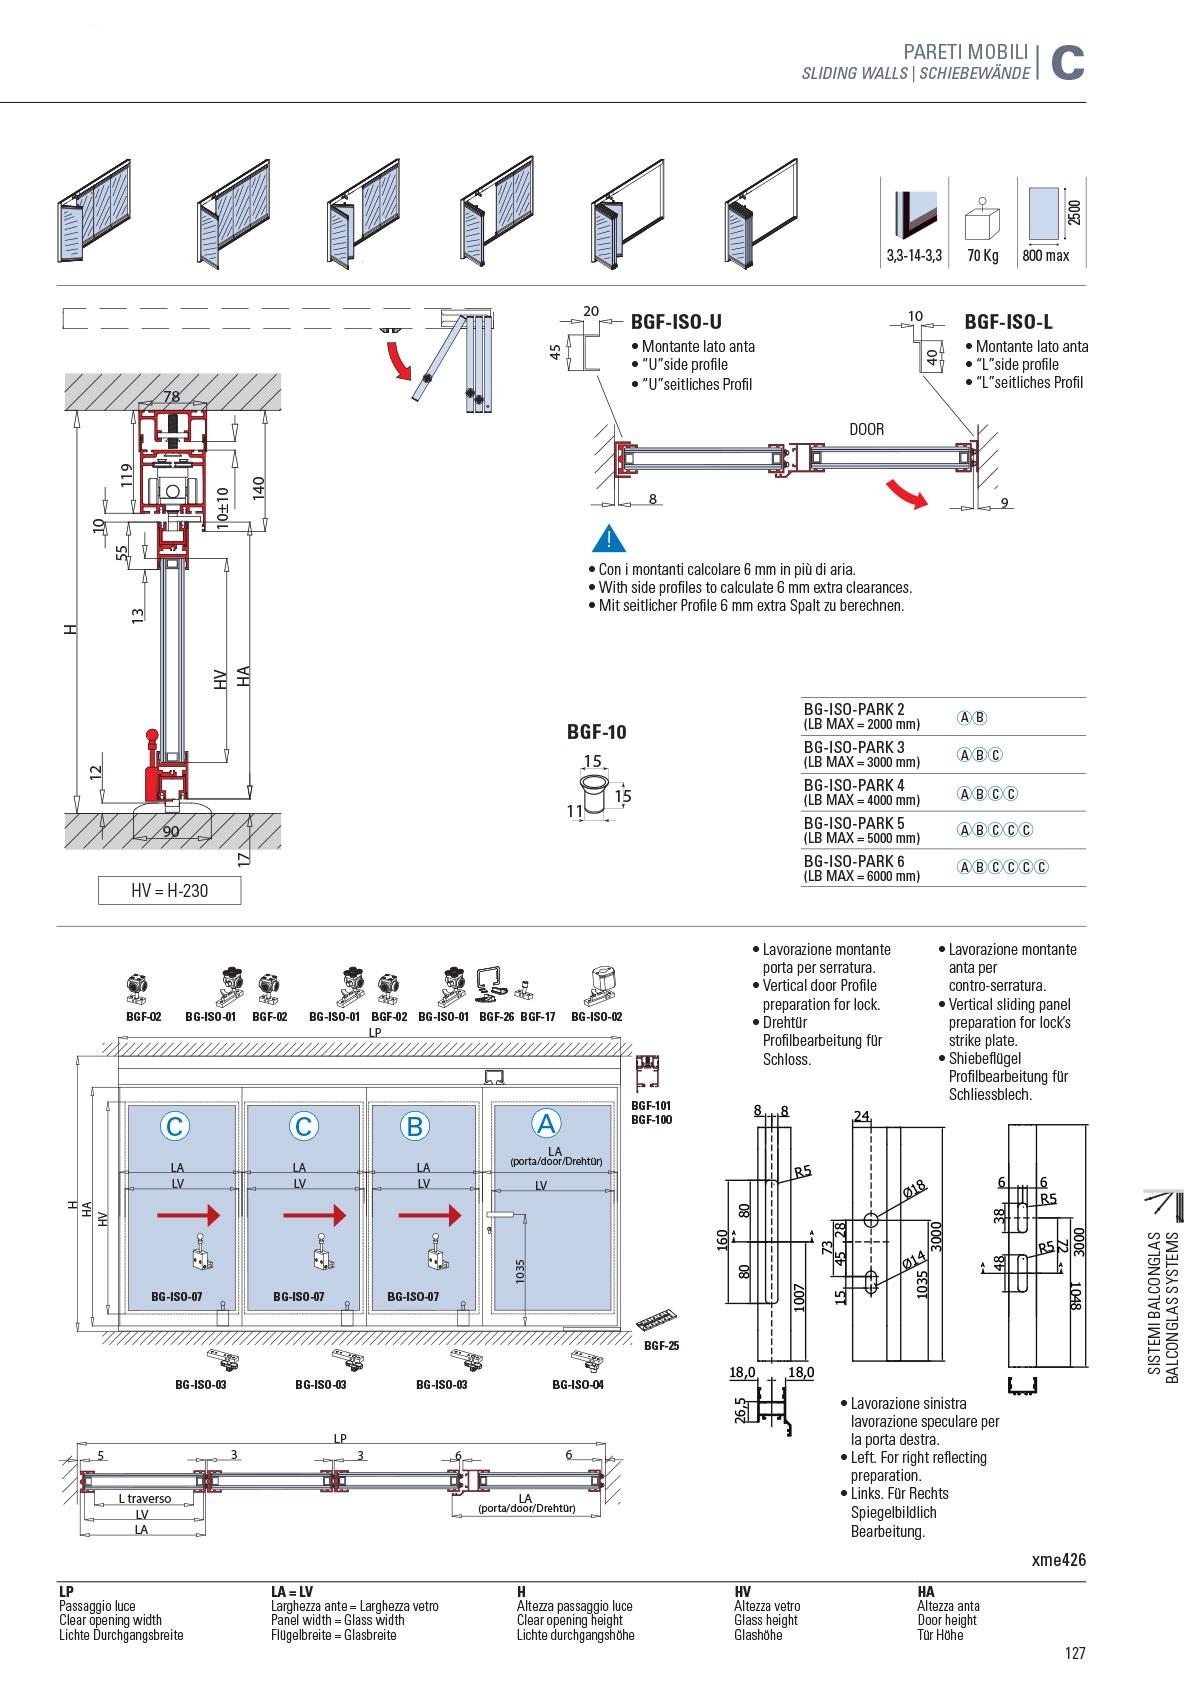 Система остекления Crete 1 Thermo без нижнего профиля